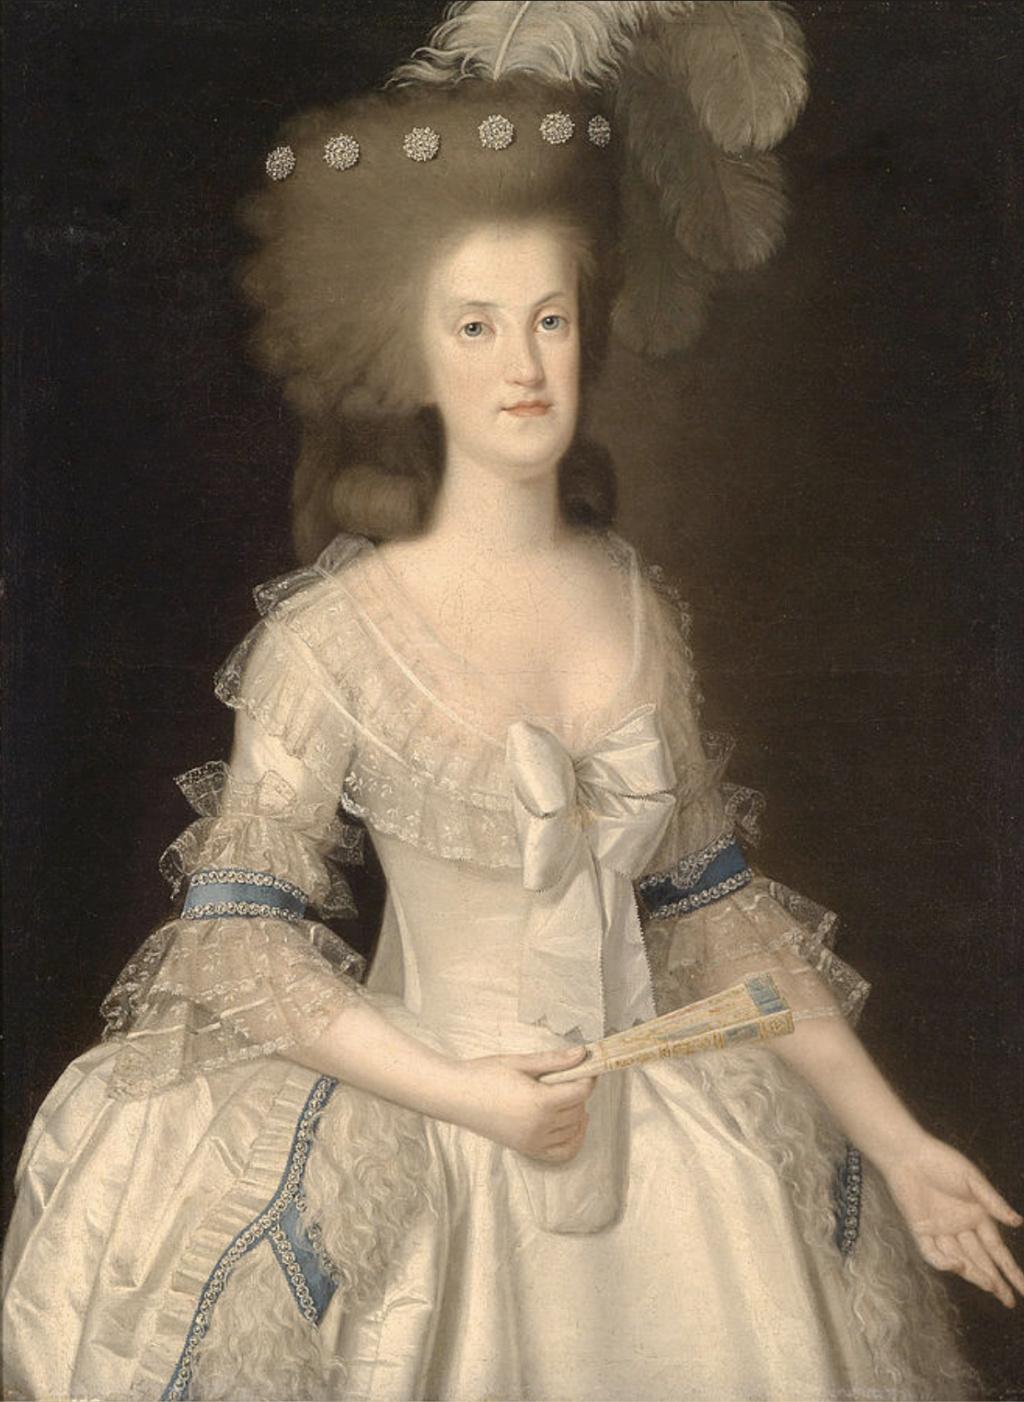 Portraits de Marie Caroline d'Autriche, reine de Naples et de Sicile - Page 4 Marie_42